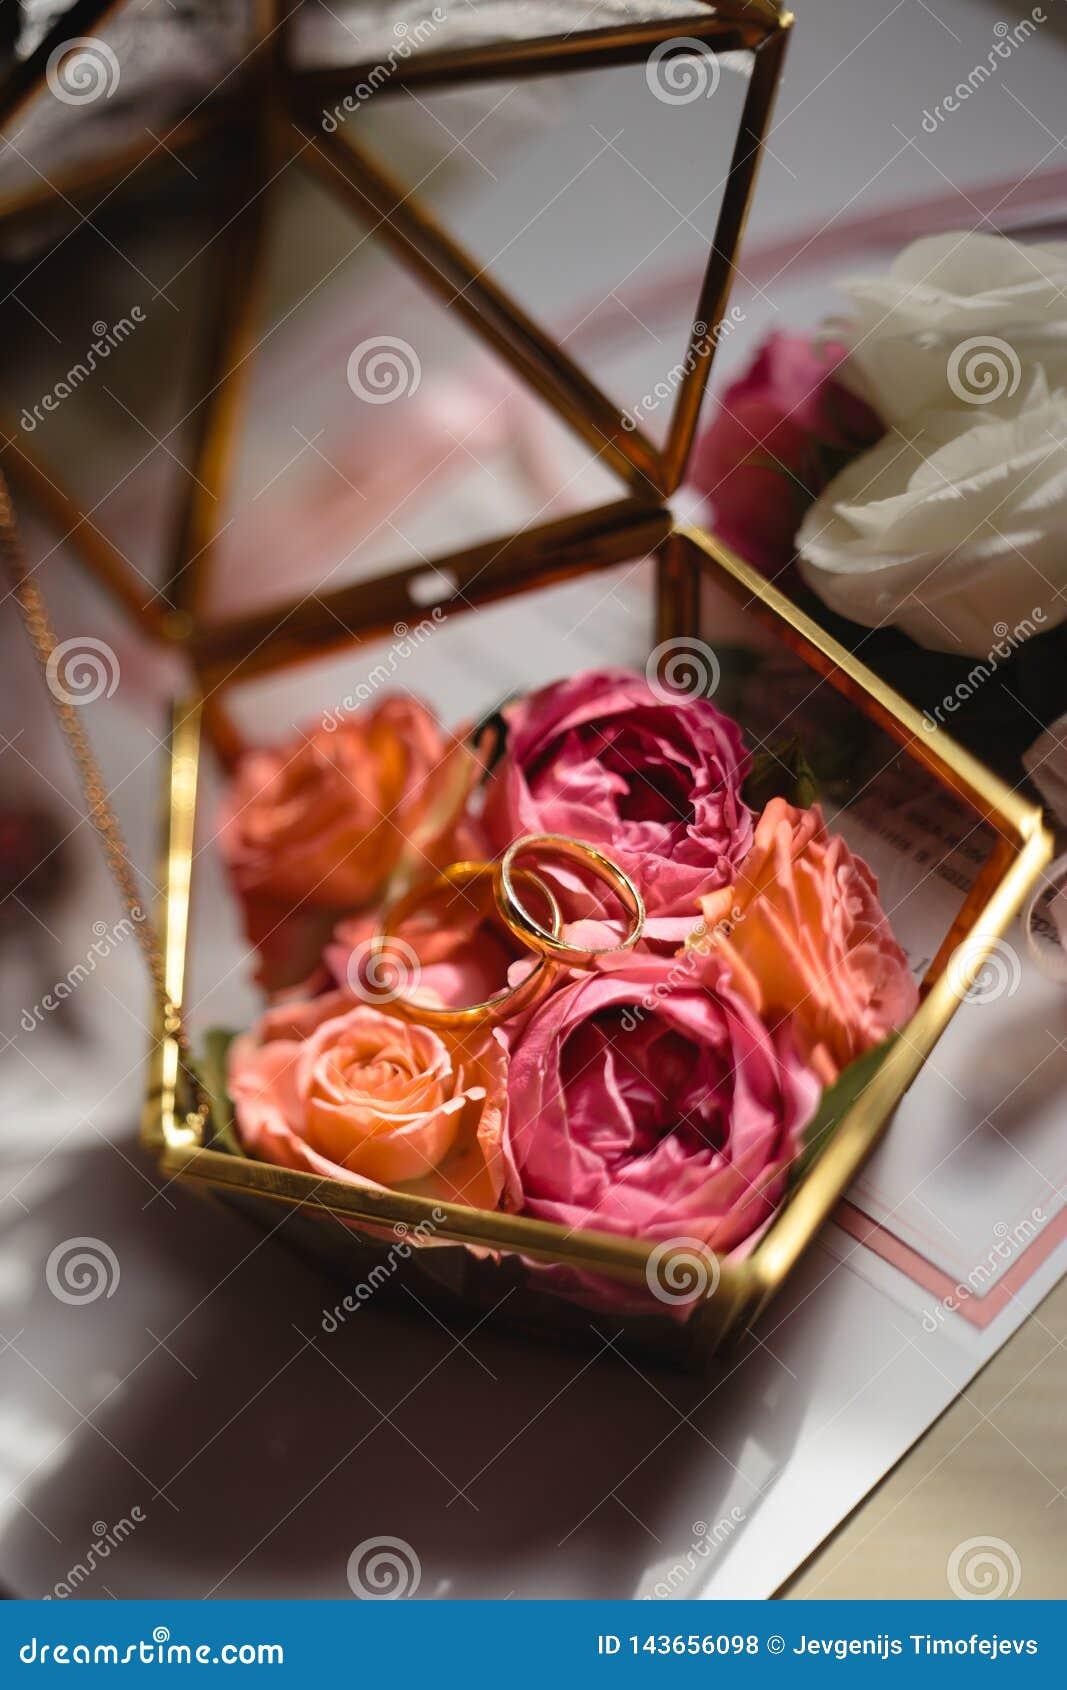 Feche acima dos detalhes reais em um casamento - caixão de vidro das flores para anéis nupciais